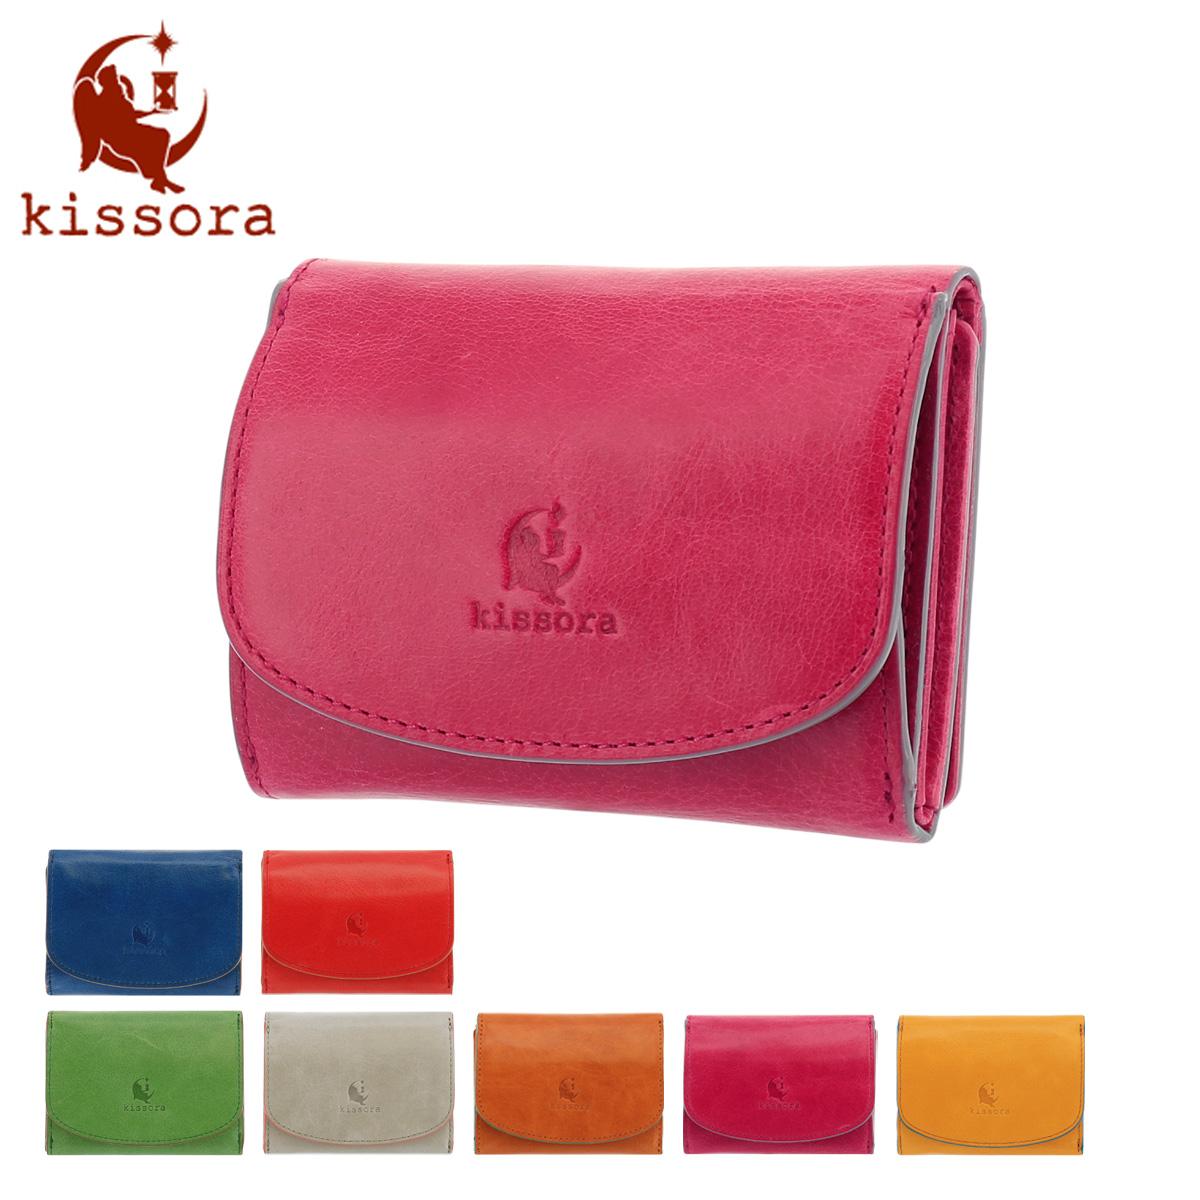 キソラ 三つ折り財布 アテネ レディース KIVP-063 日本製 kissora | ミニ財布 牛革 本革 レザー